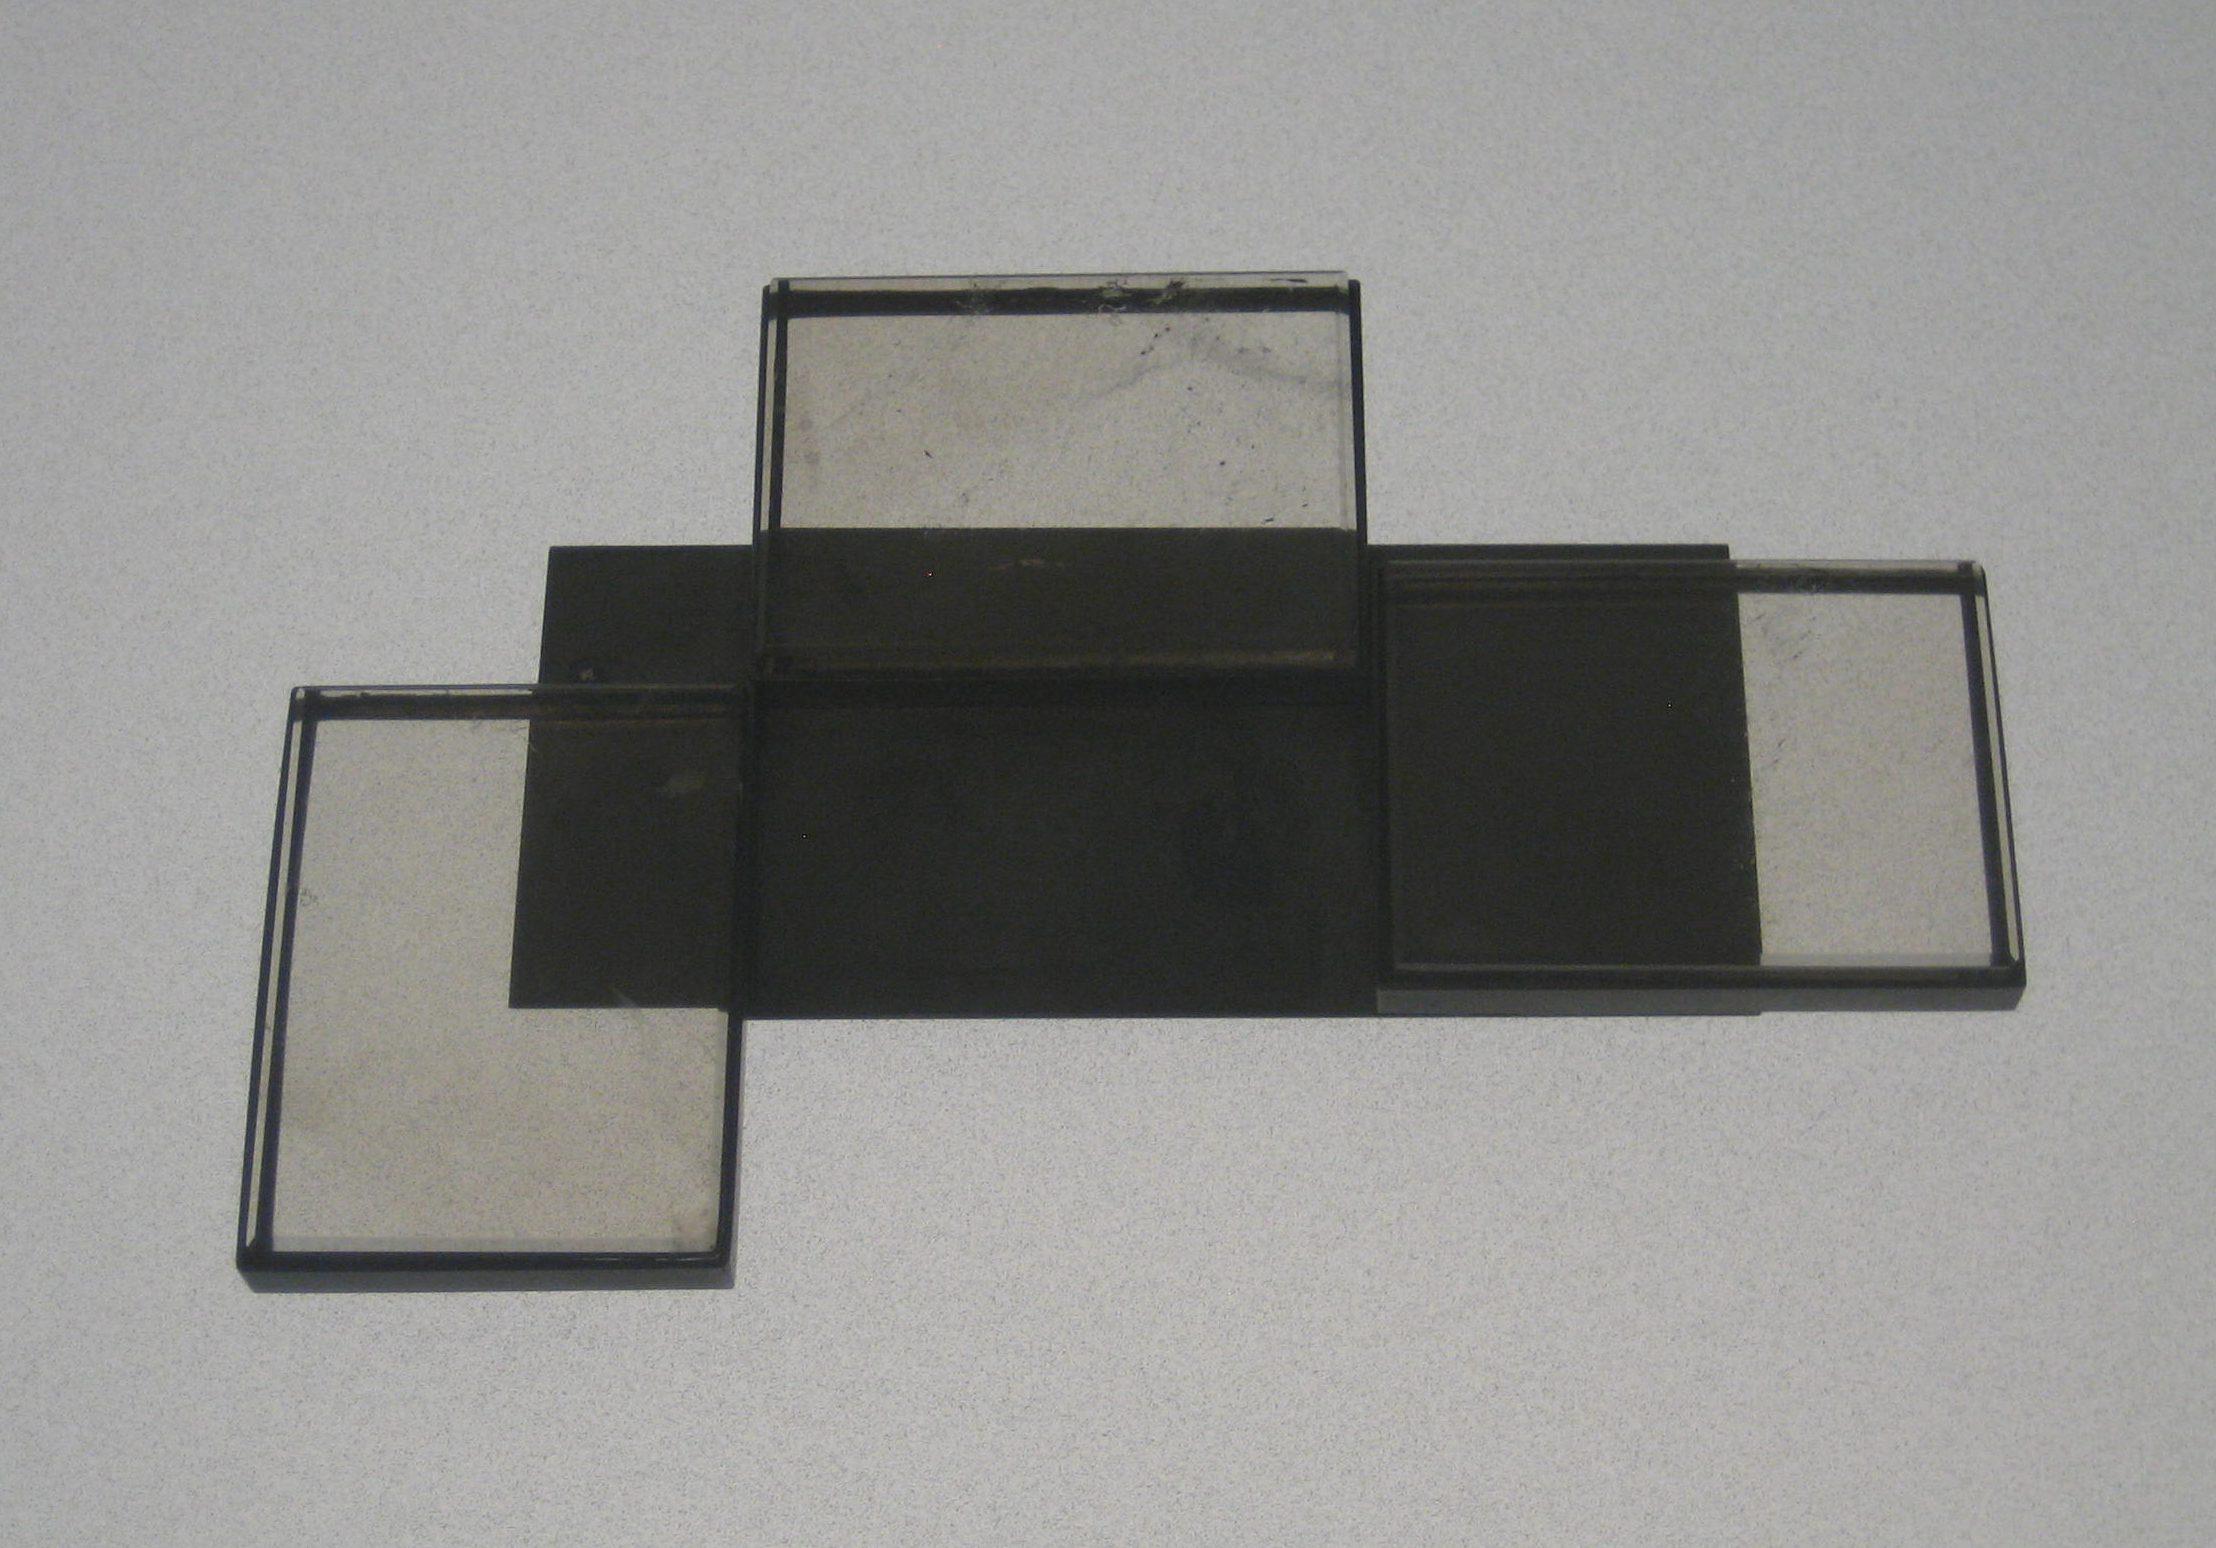 Georg Dobler, broche, 1999. Collectie Grassimuseum, metaal